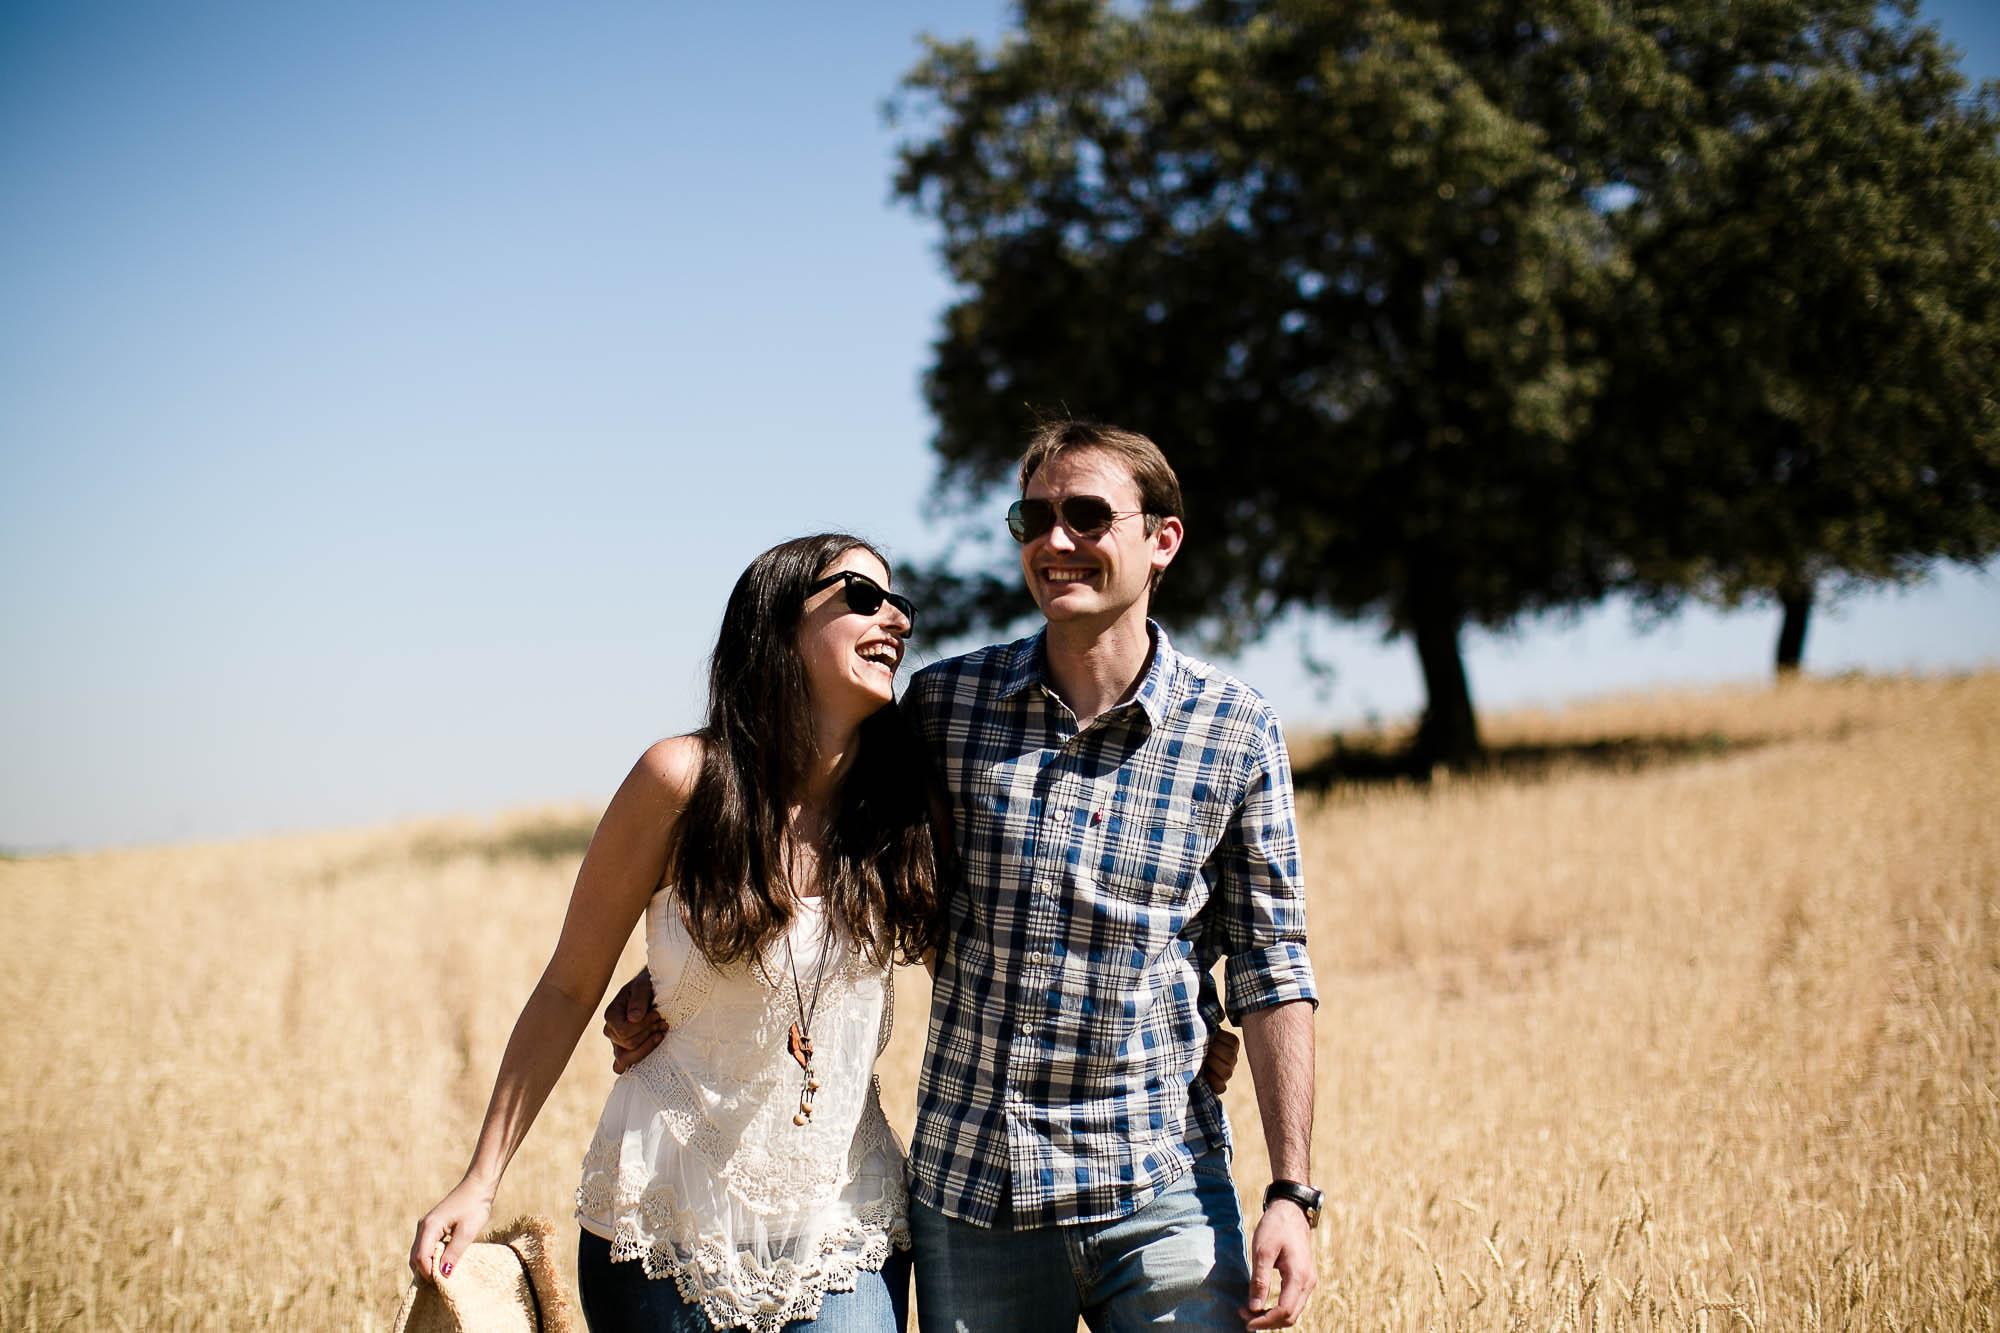 La pareja se abraza y ríen juntos en medio del campo